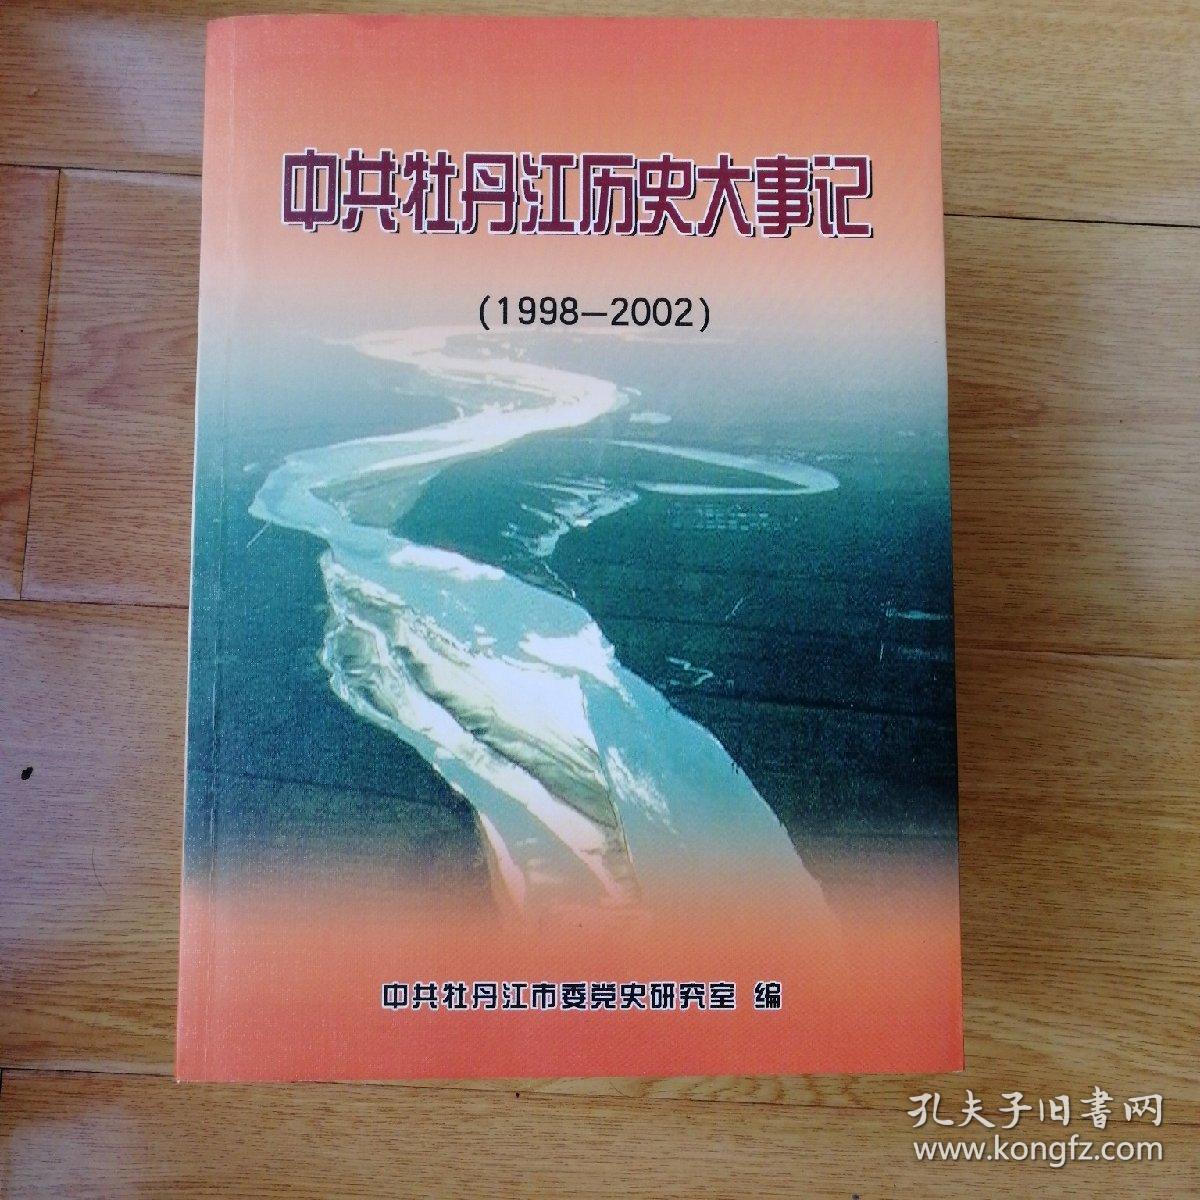 中共牡丹江历史大事记(1998—2002)